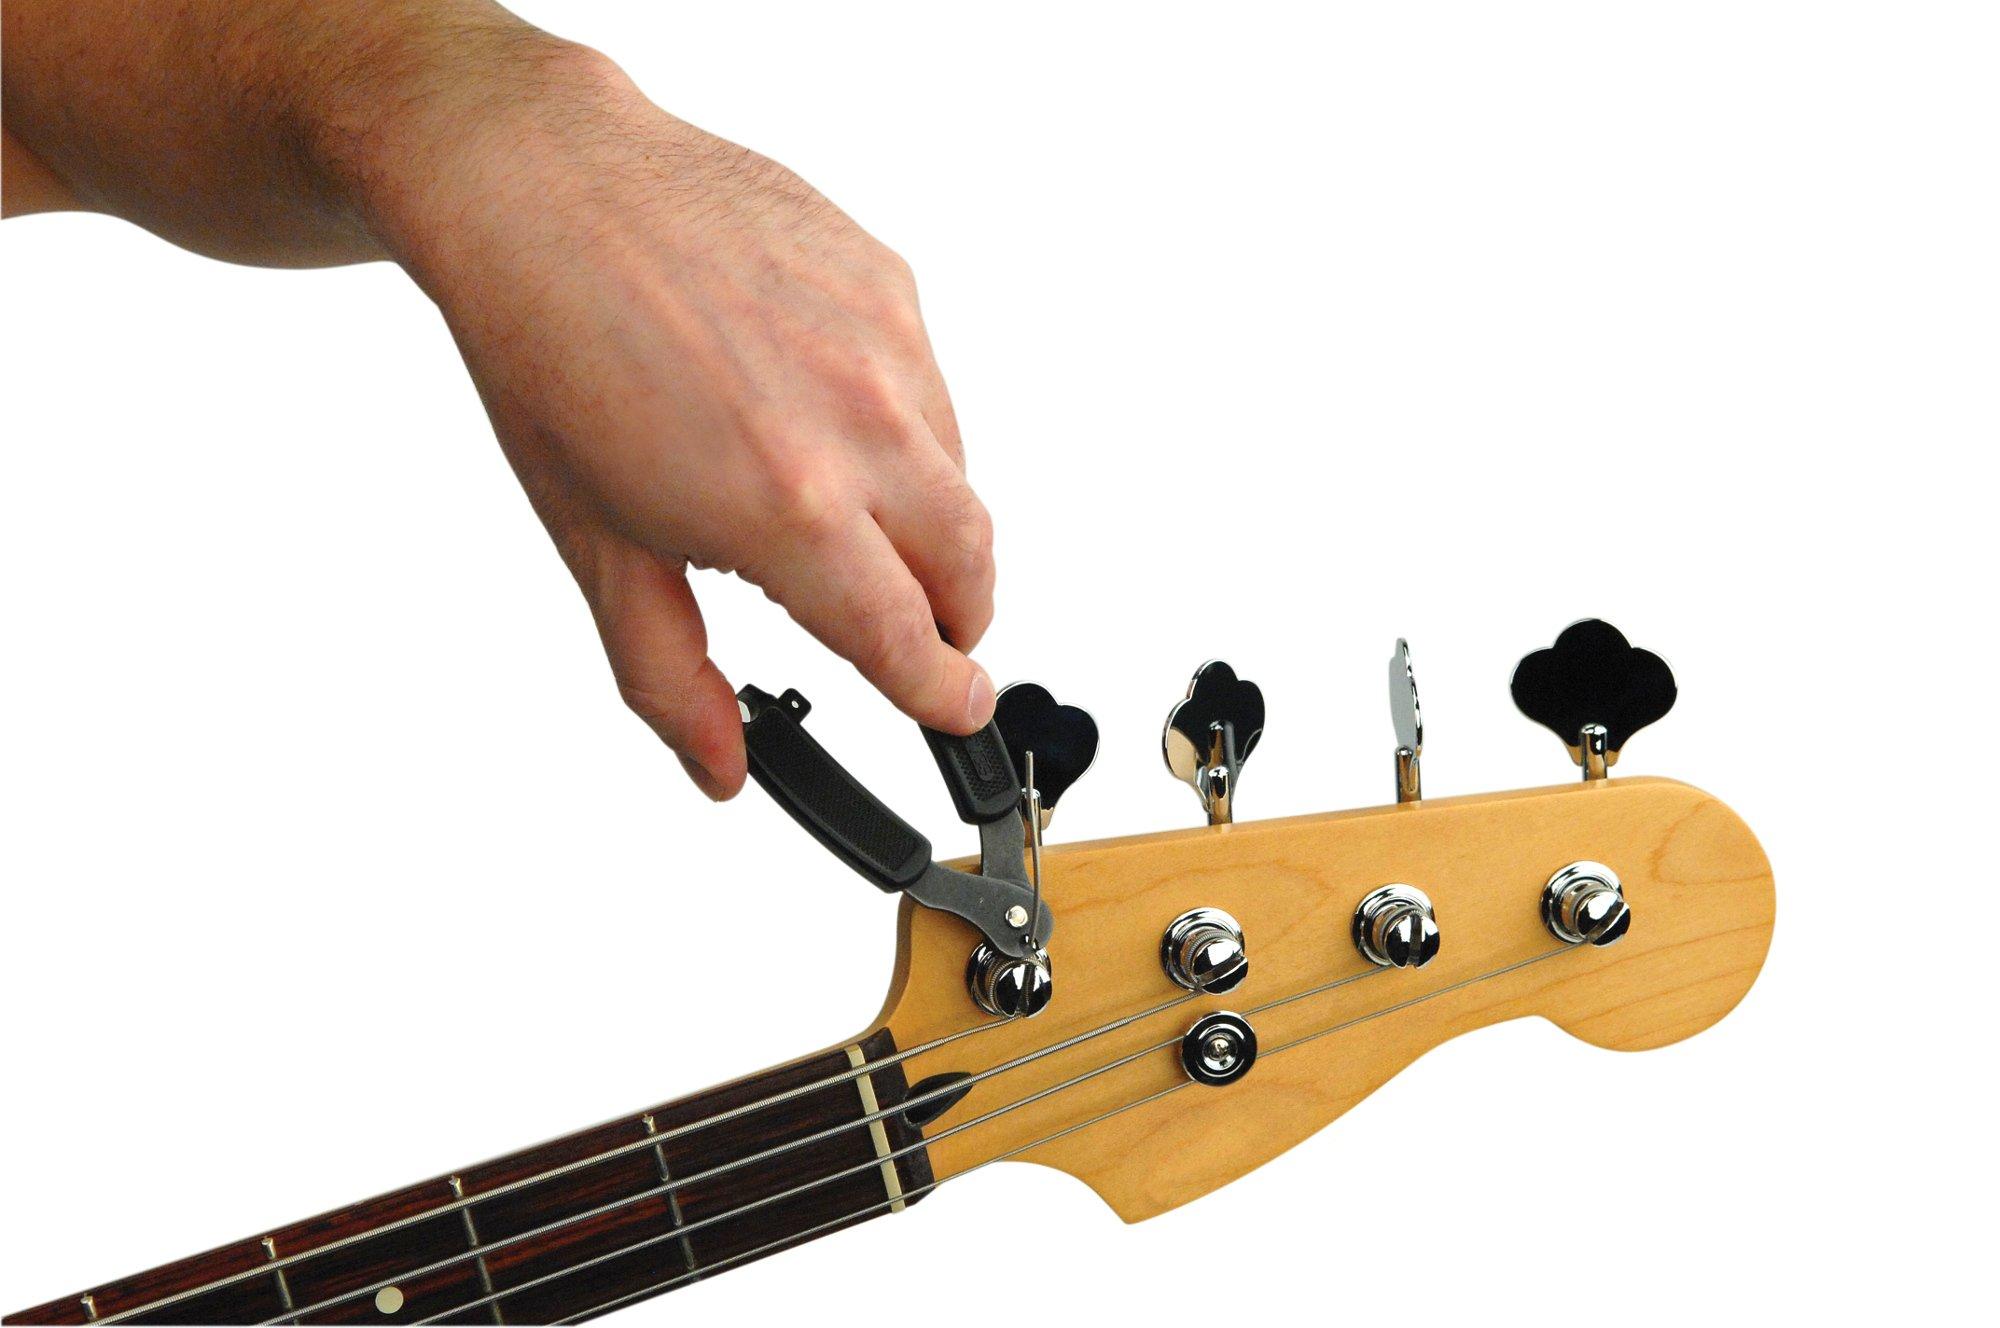 String Winder/Cutter for Bass Guitars